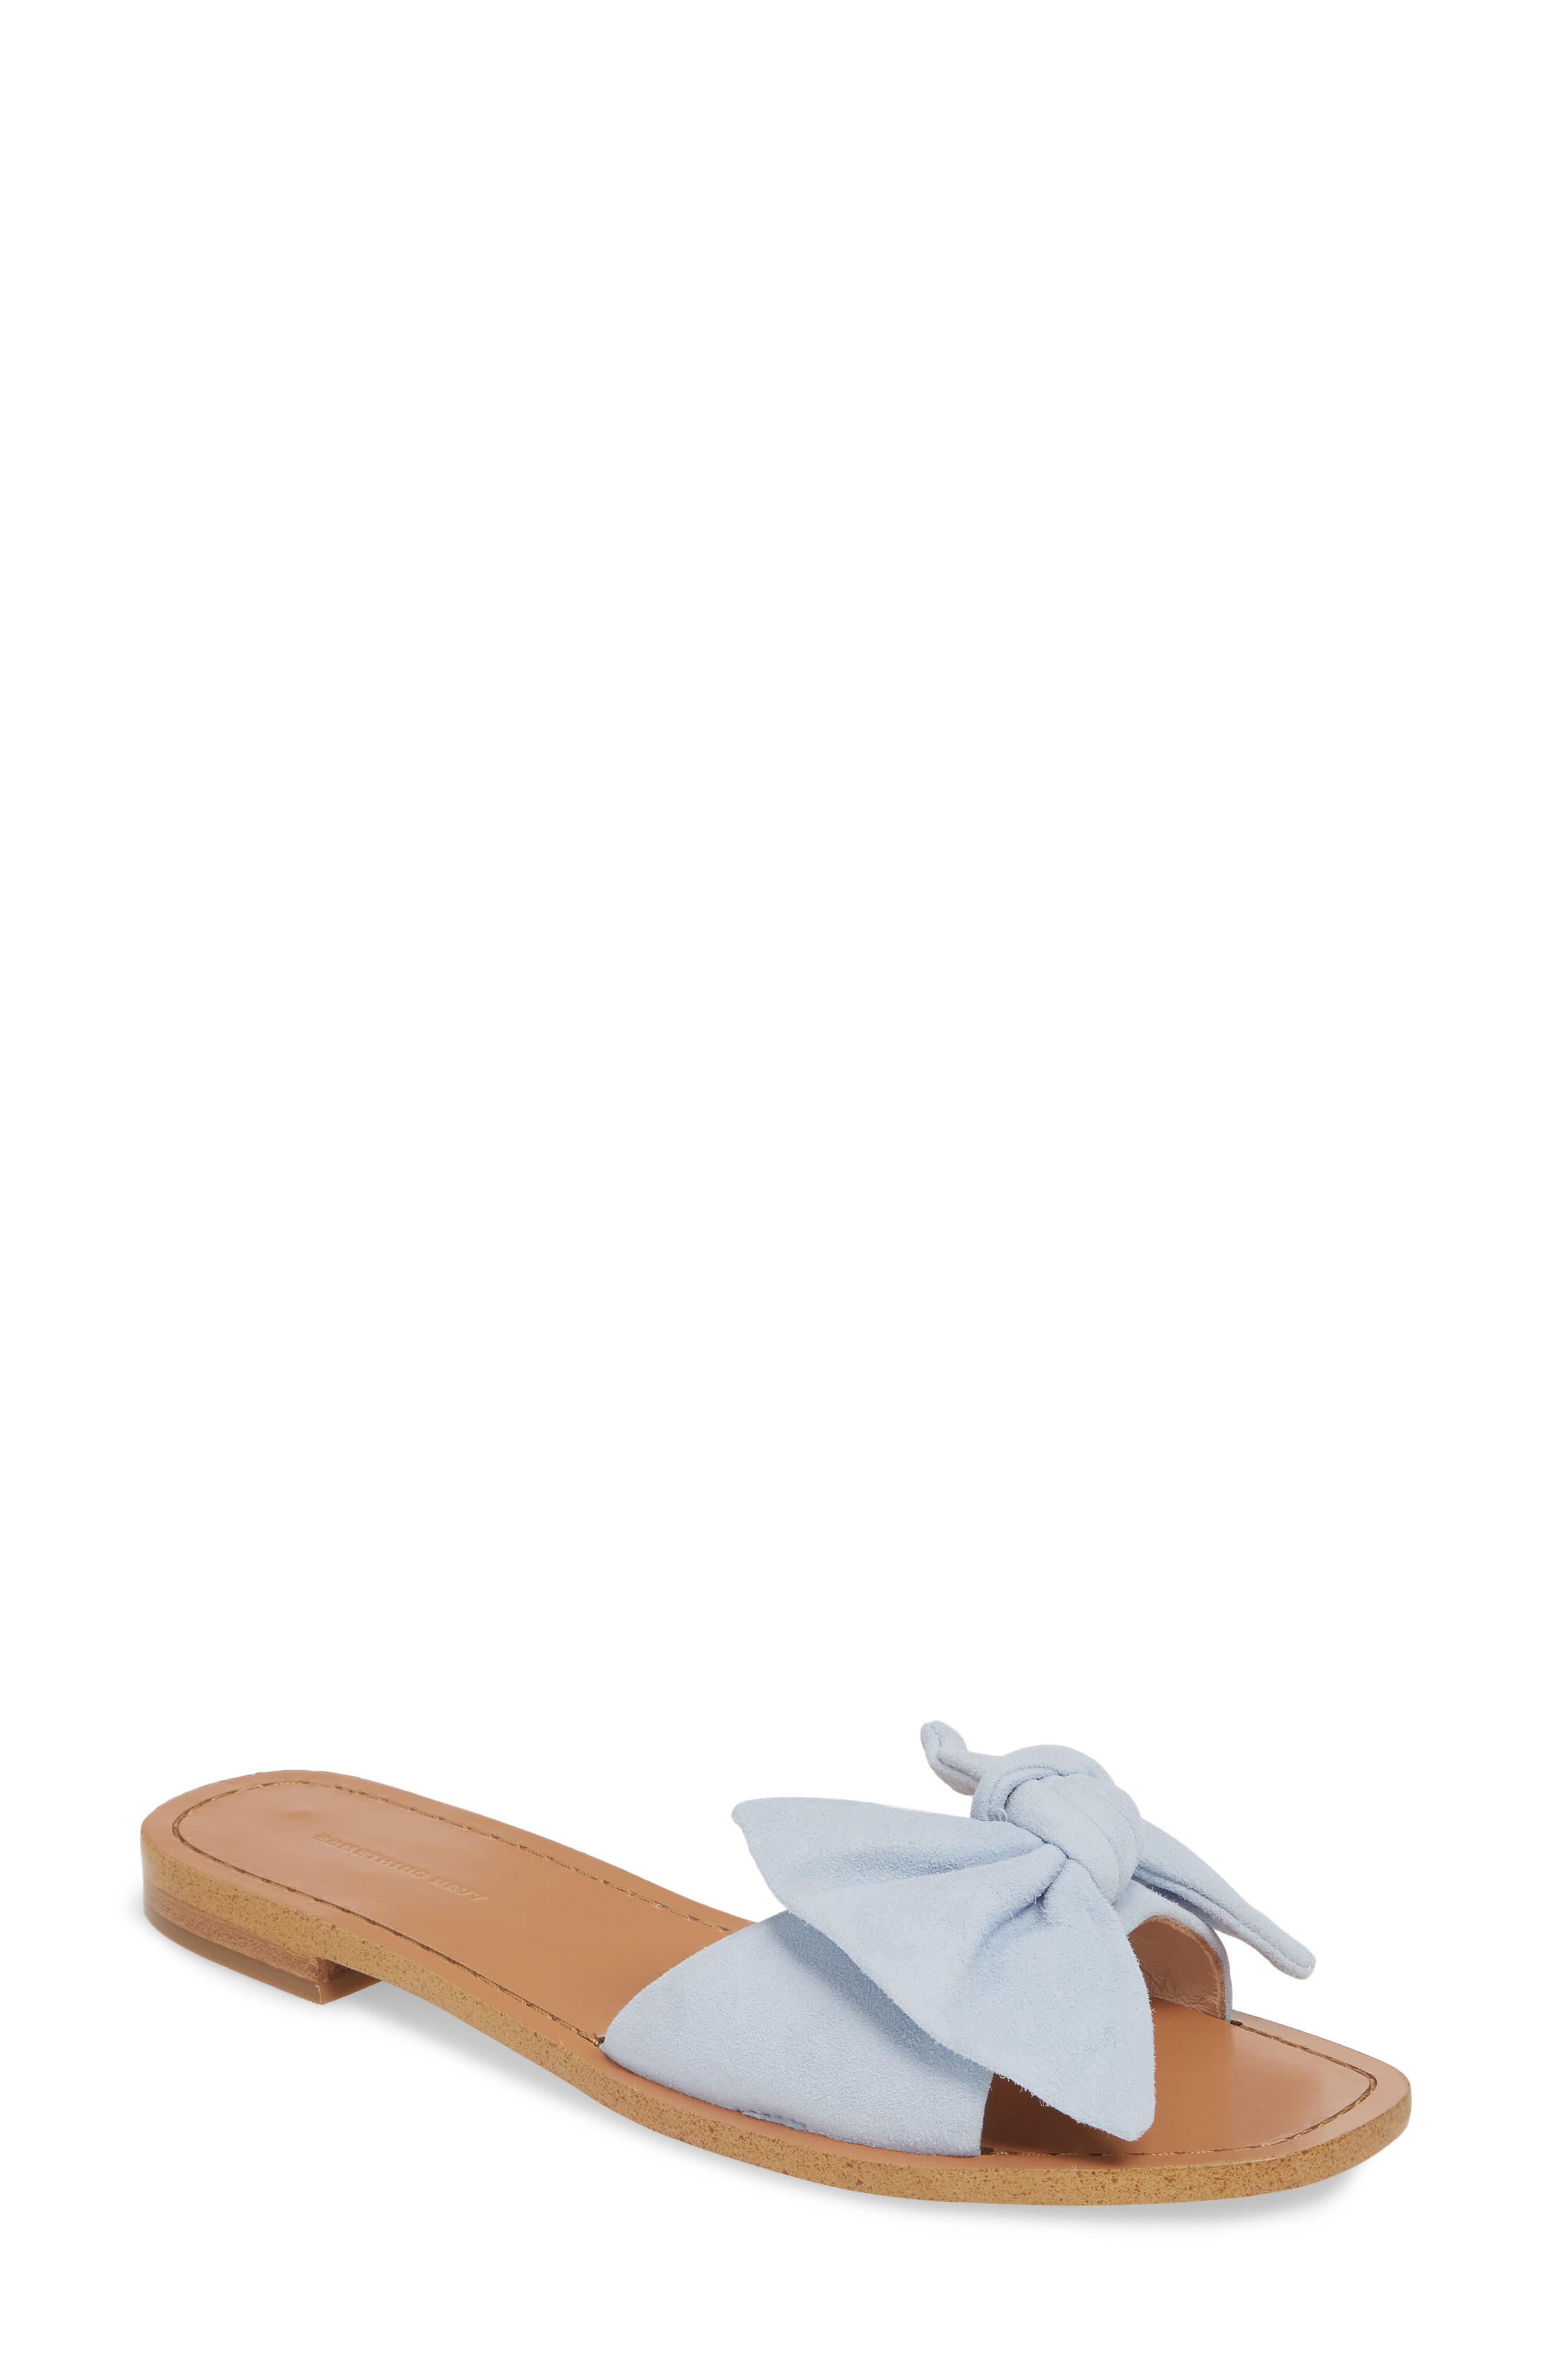 Image of Something Navy Cici Bow Flat Slide Sandal